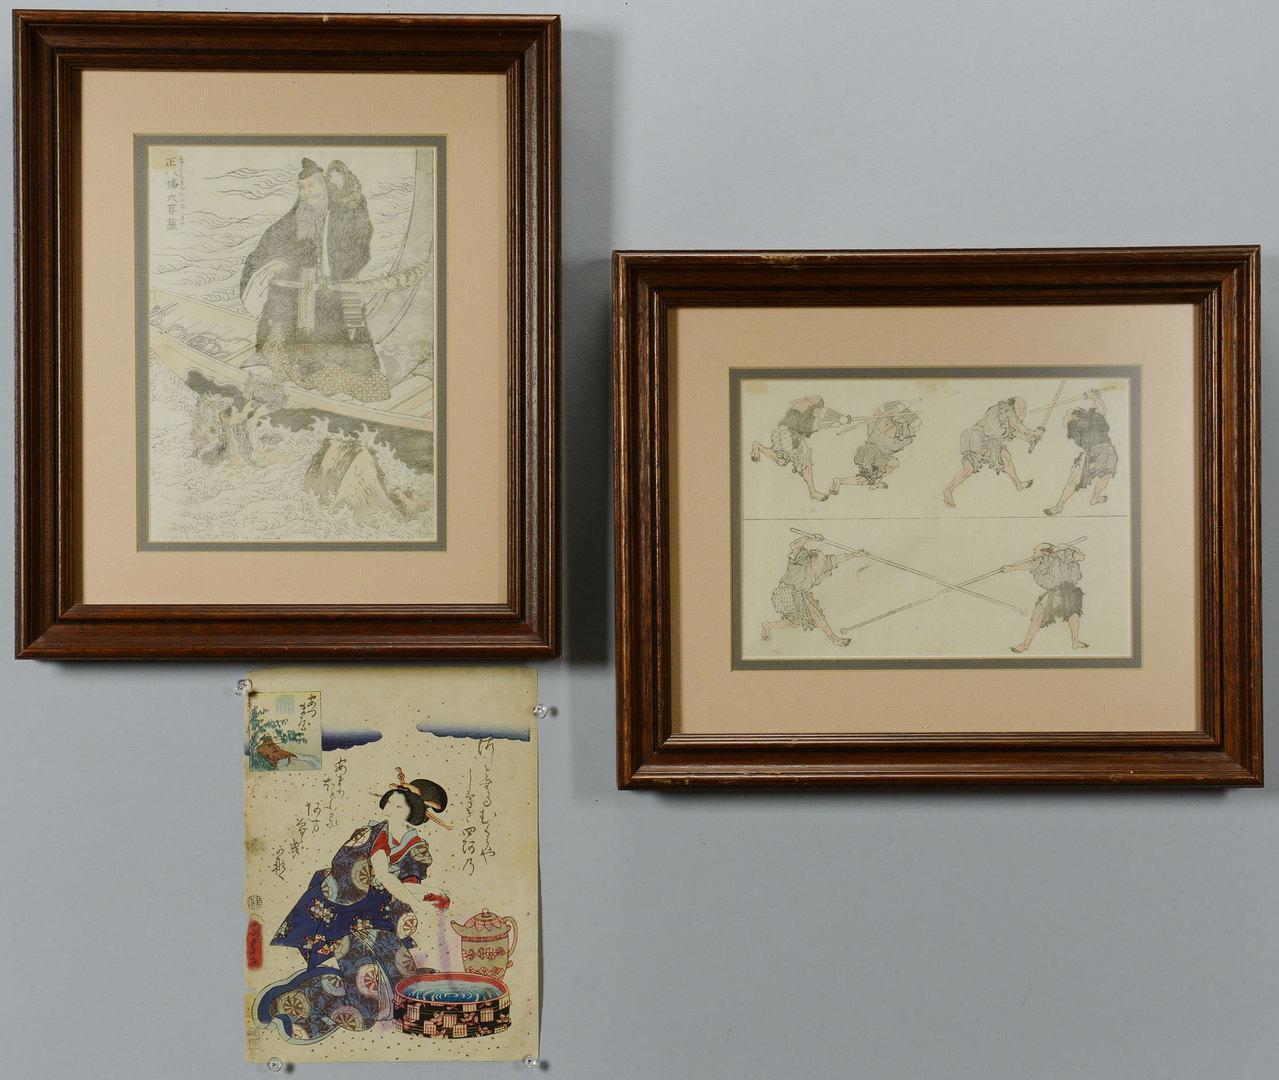 Lot 446: 3 Japanese Woodblock Prints